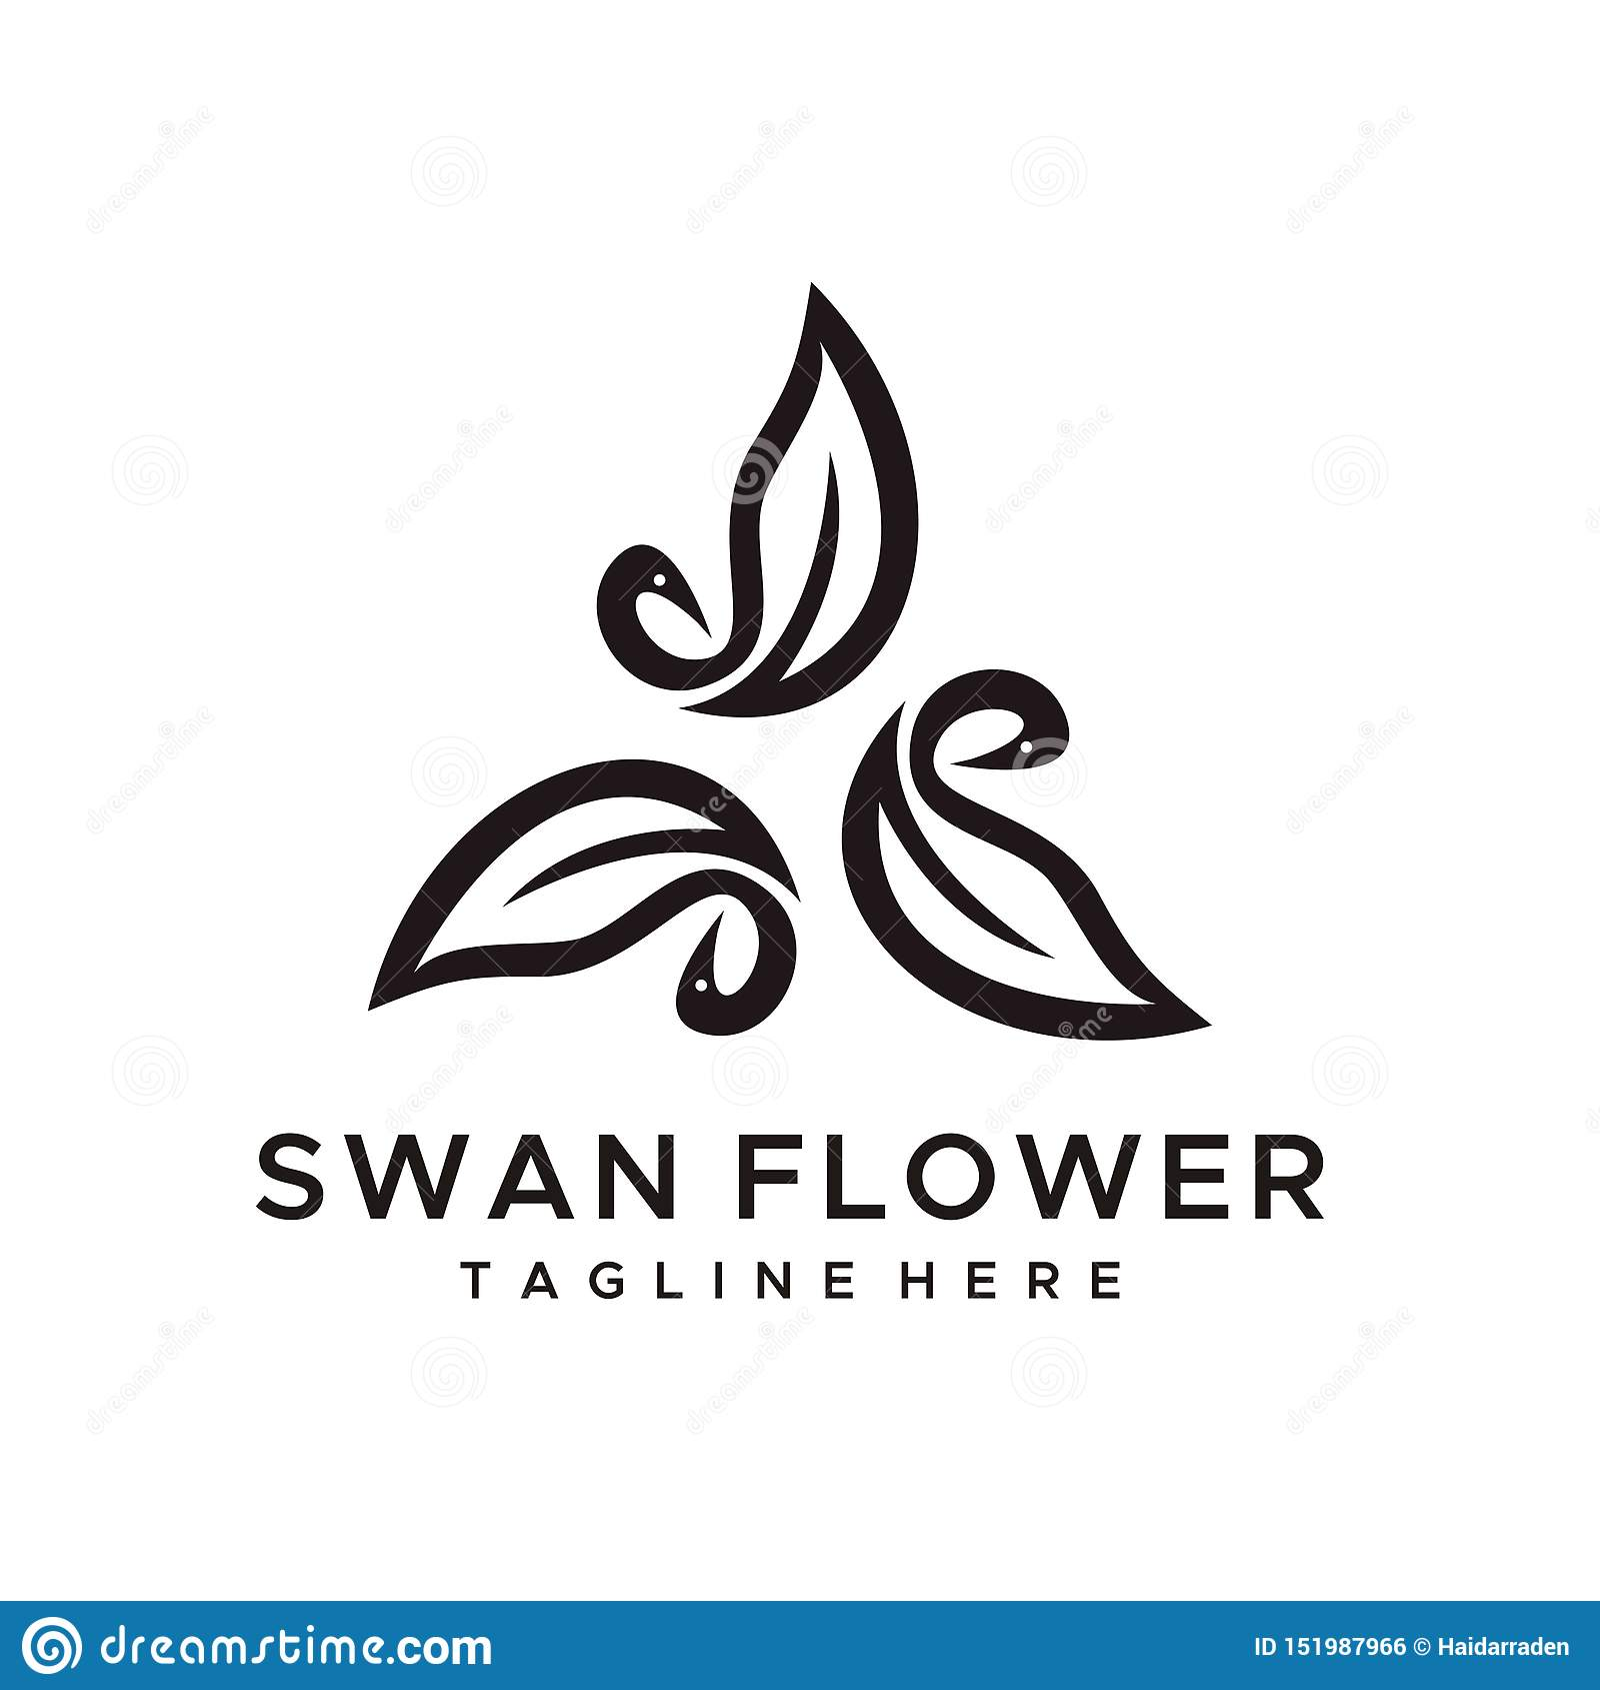 Estilo minimalista del vector del diseño del logotipo de la flor del cisne